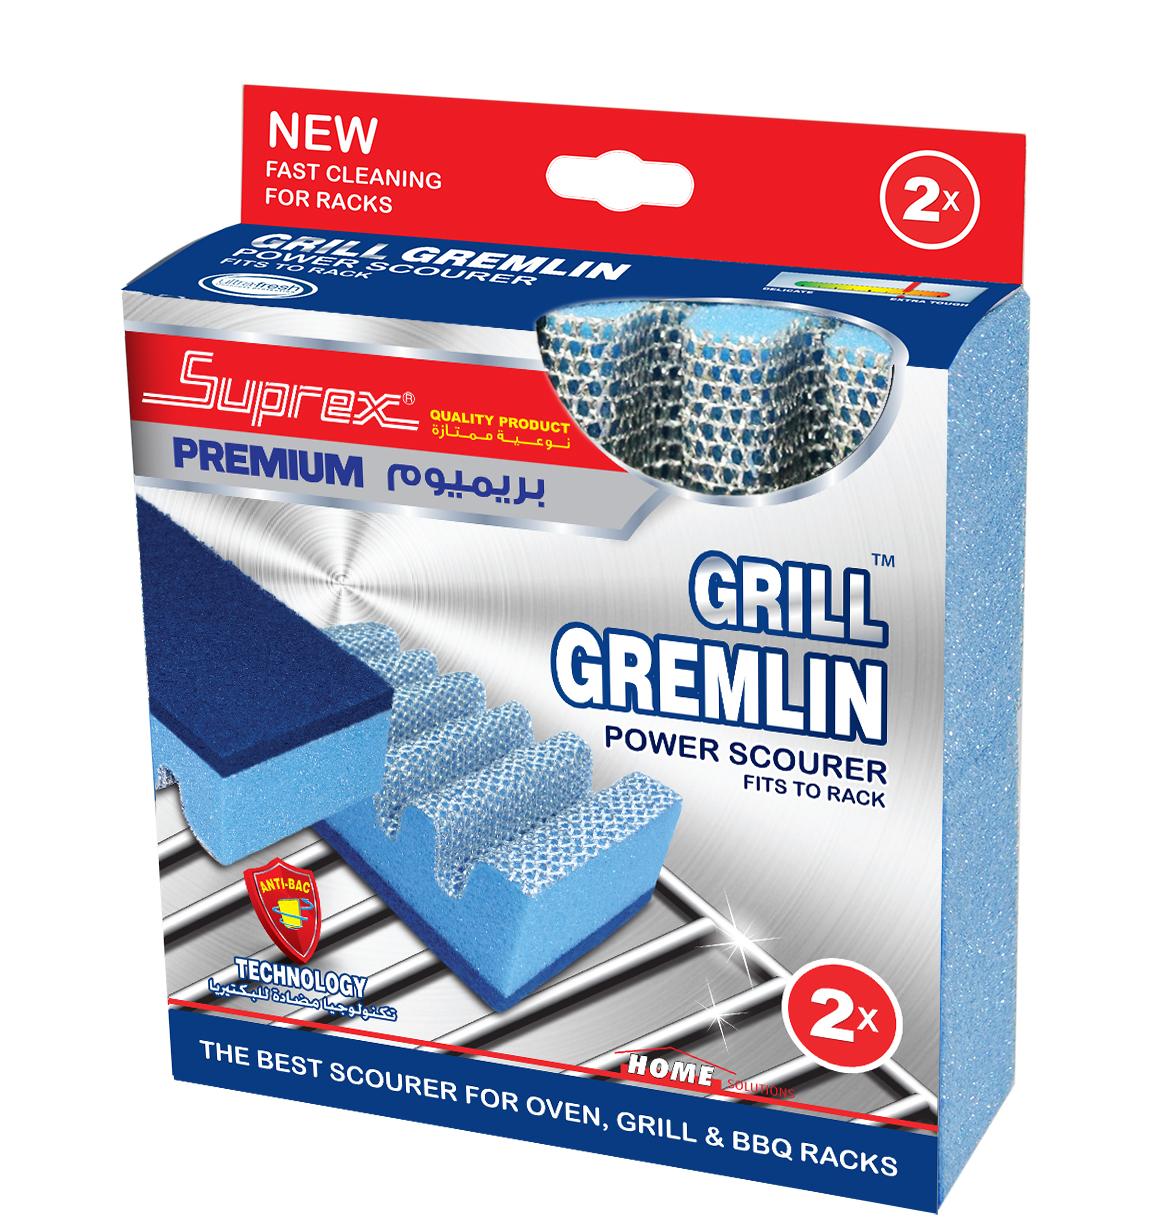 Grill Gremlin